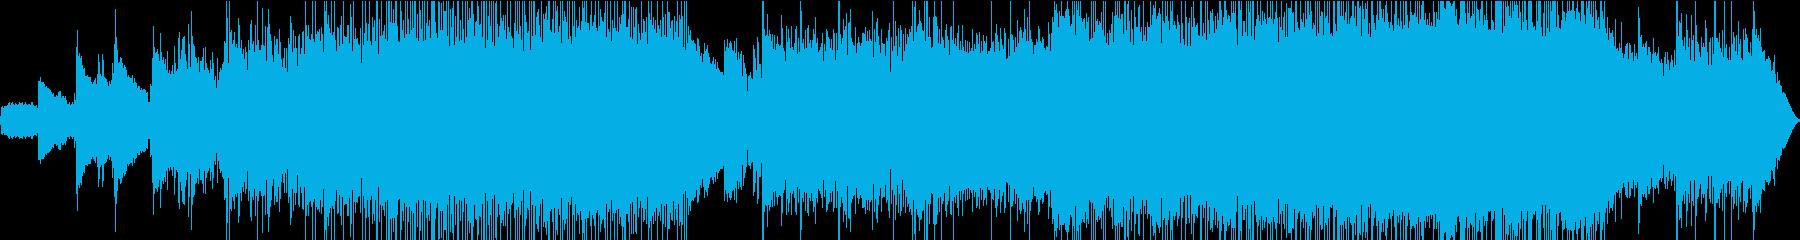 ワールド 民族 現代的 交響曲 室...の再生済みの波形